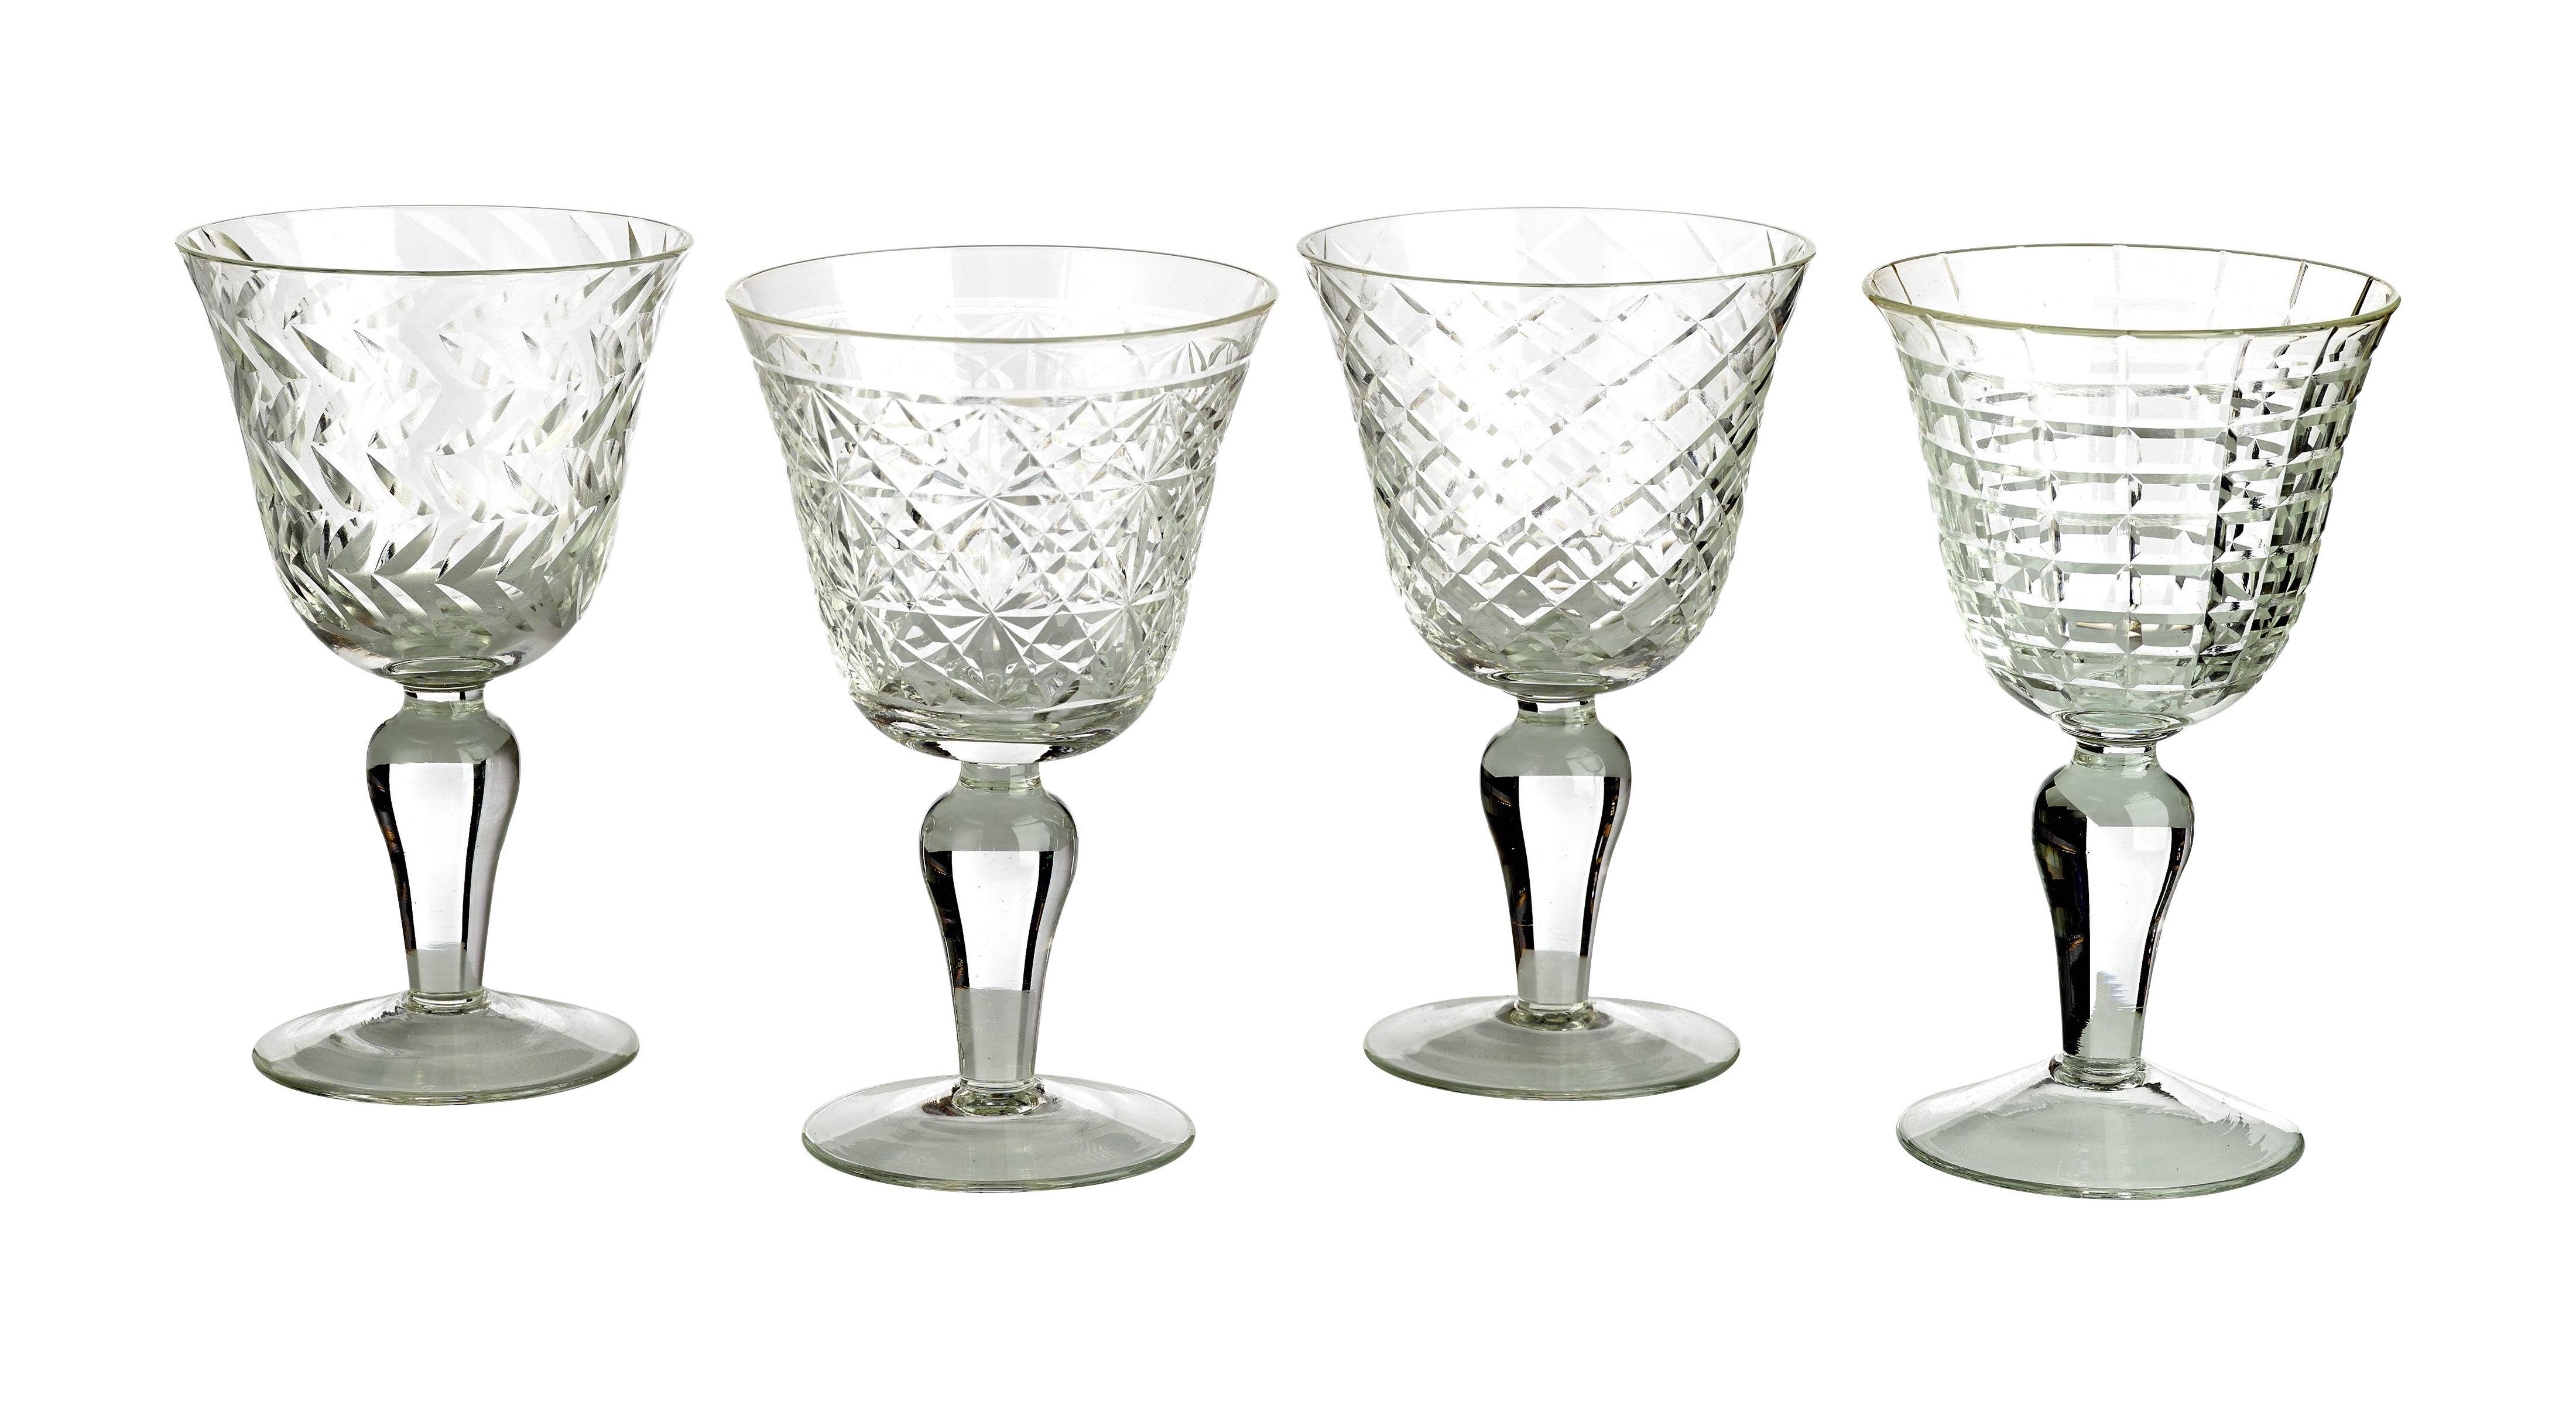 Arts de la table - Verres  - Verre à vin Cuttings / Set de 4 - Motifs en relief - Pols Potten - Transparent - Verre ciselé